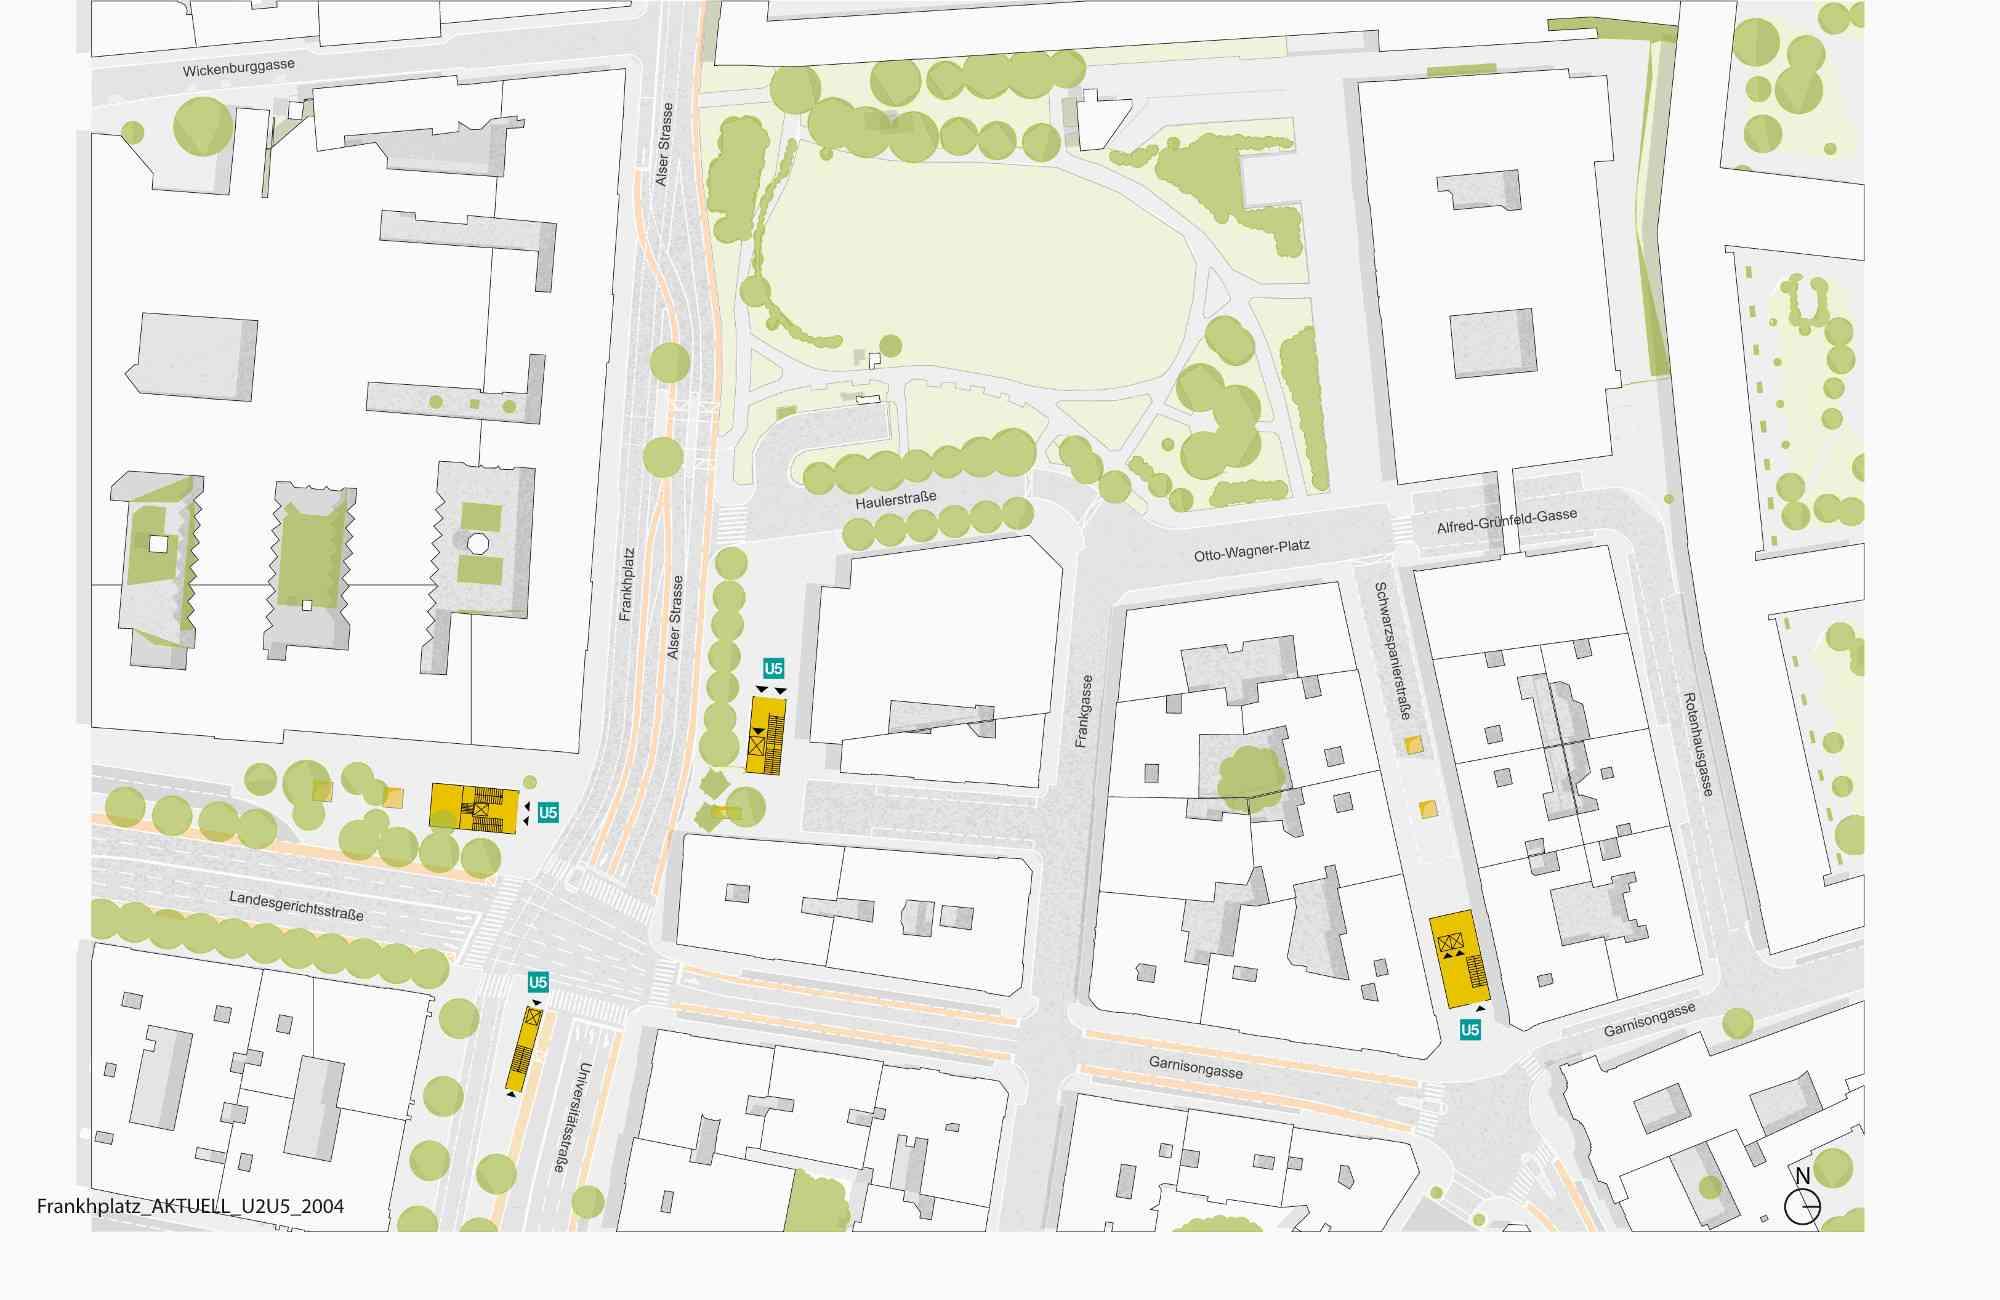 Damit alle Ziele im Umkreis möglichst unkompliziert erreichbar sind, entsteht unter dem Kreuzungsbereich von Landesgerichts- und Universitätsstraße eine Passage mit drei Aufgängen.